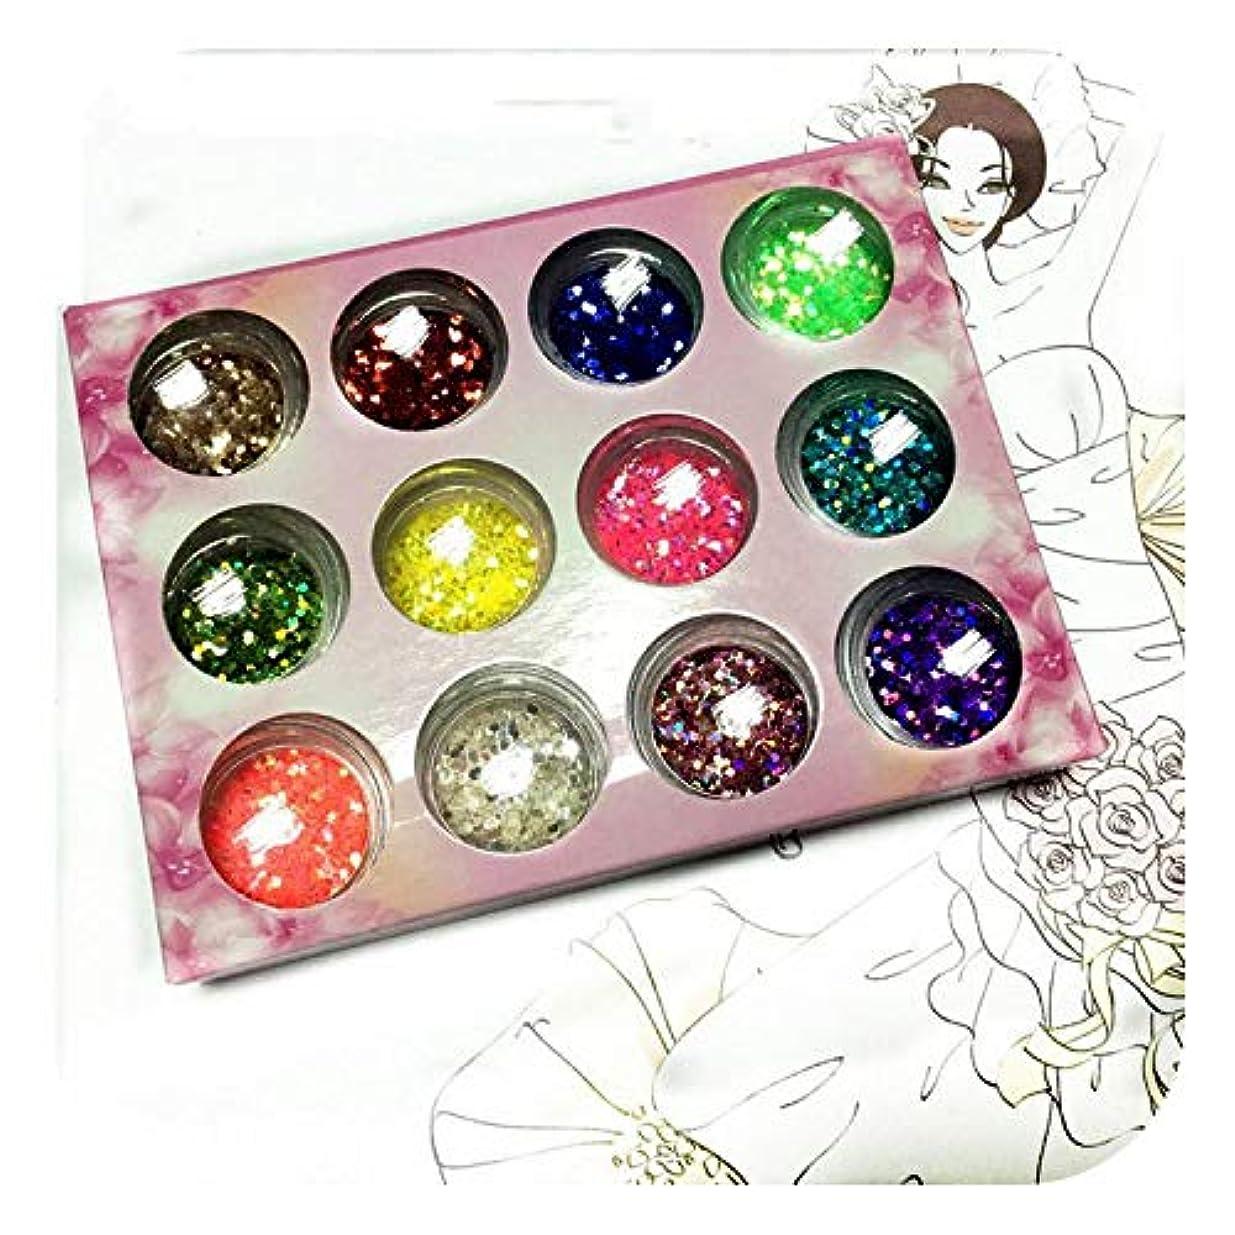 ごみ使用法陪審ランダムに12色/セットを混合、ネイルアート用六角グリッターパウダーネイルアートのヒント,12 colors per set